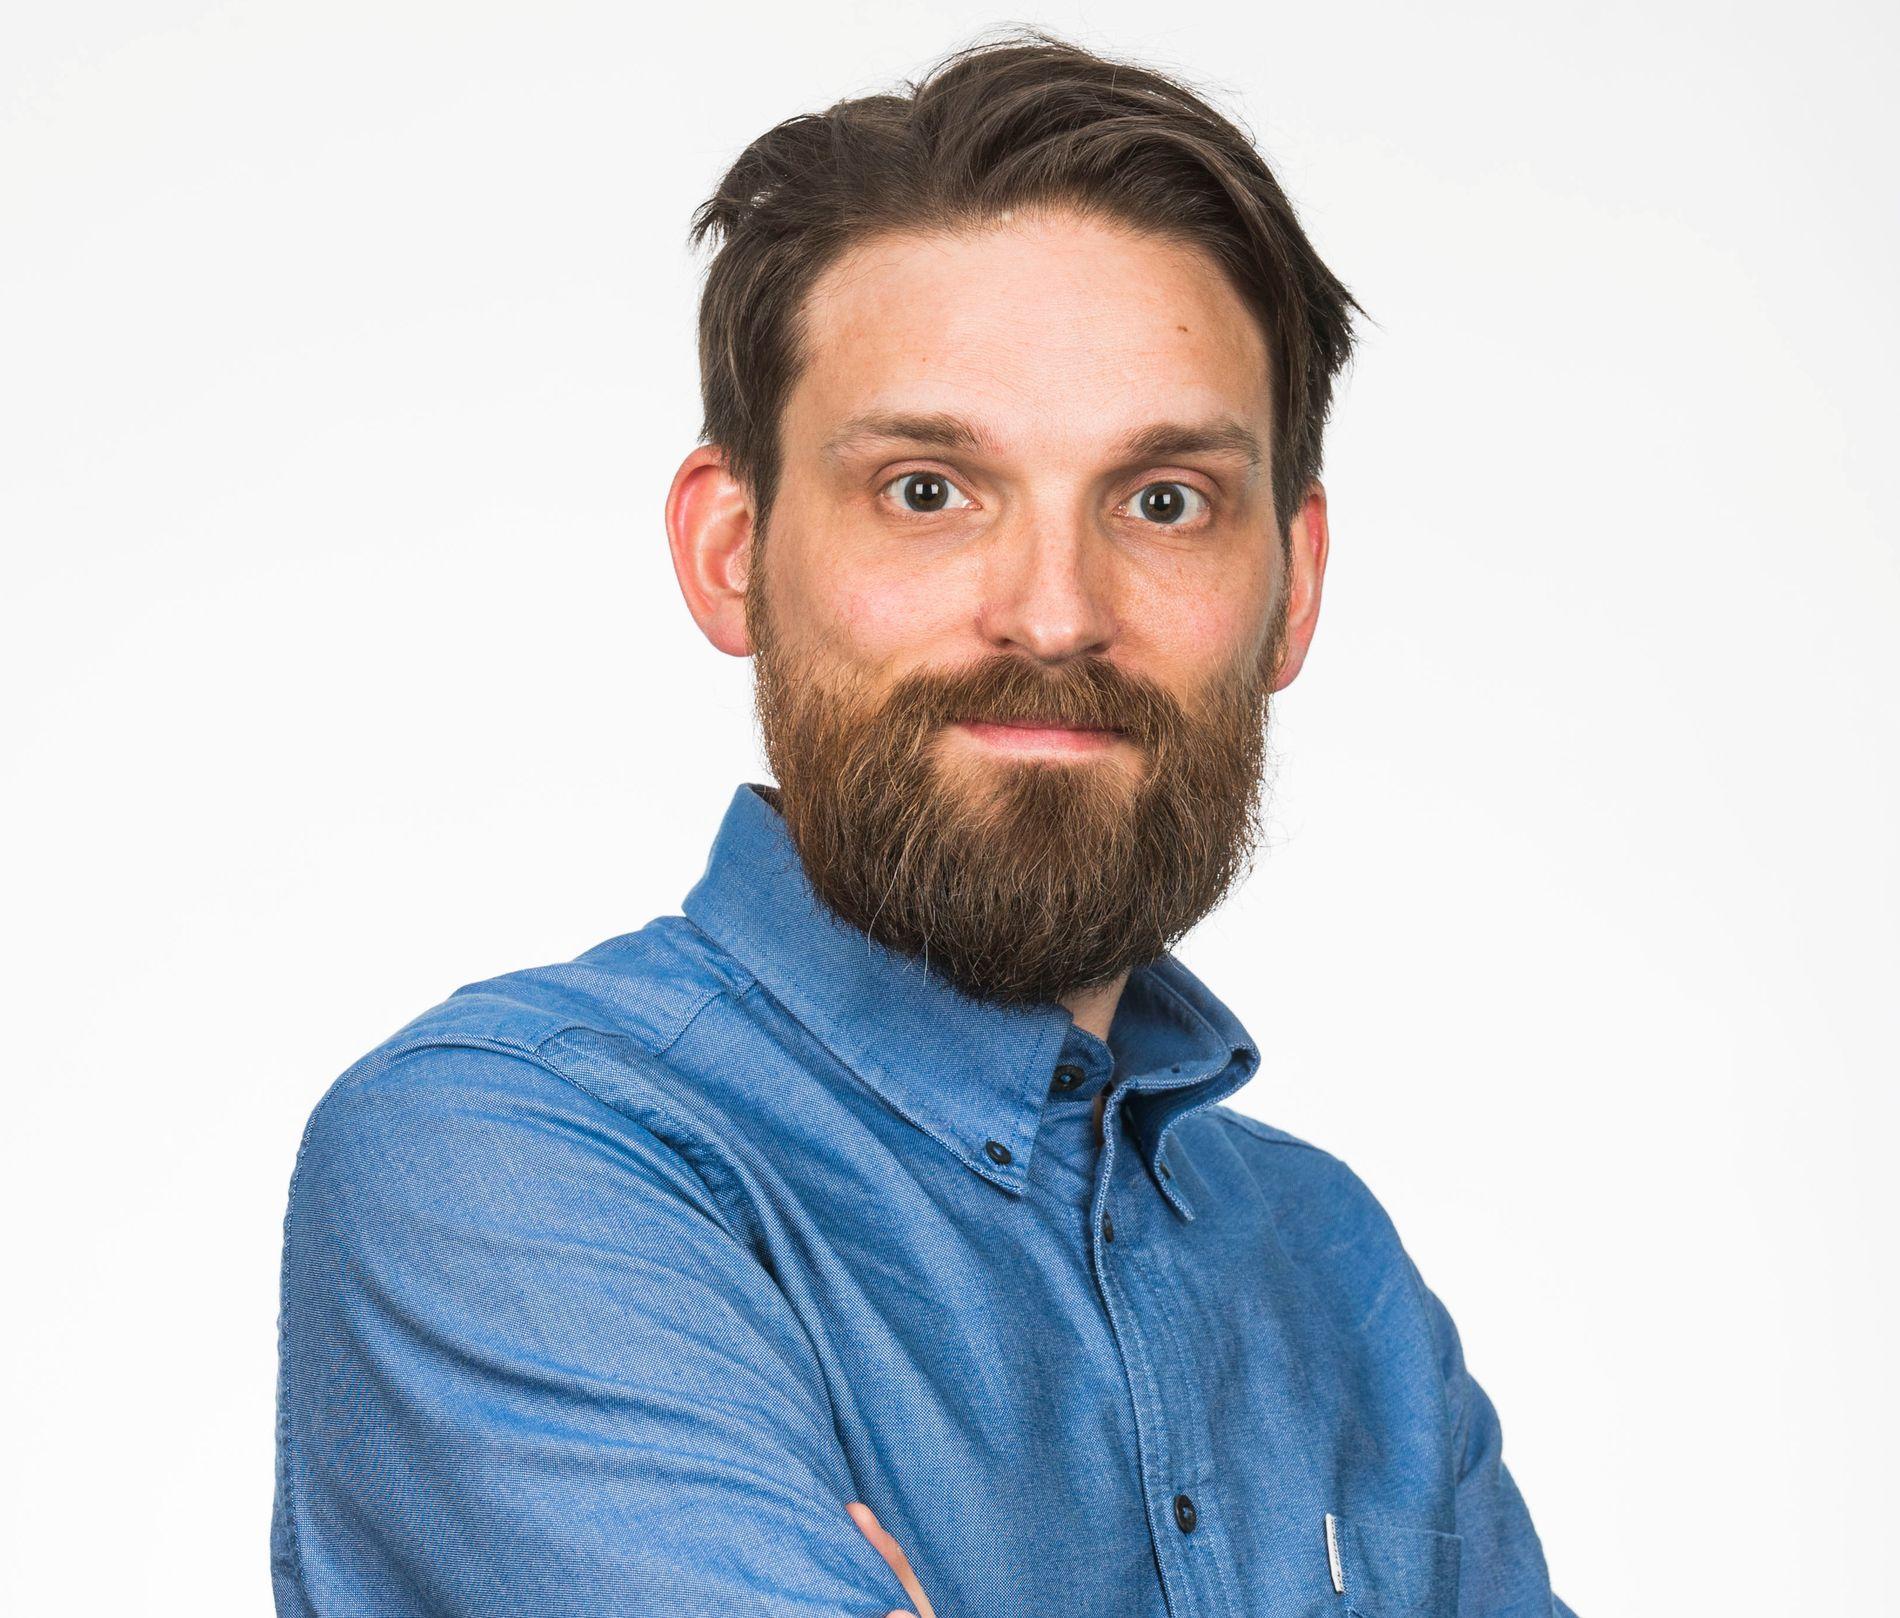 MUSIKKANMELDER: Tor Martin Bøe.